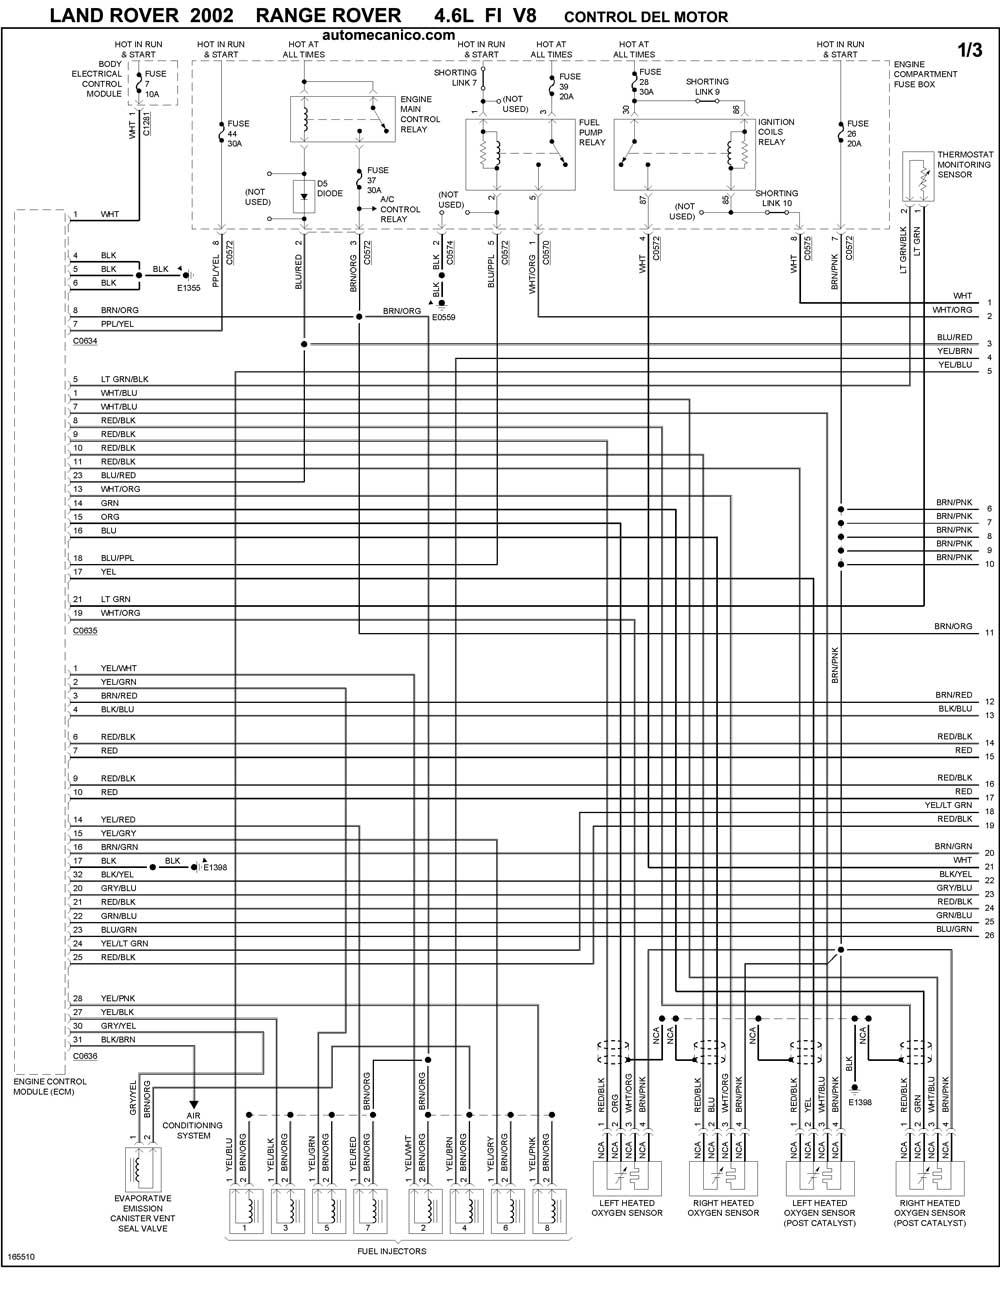 land rover - diagramas control del motor 2002